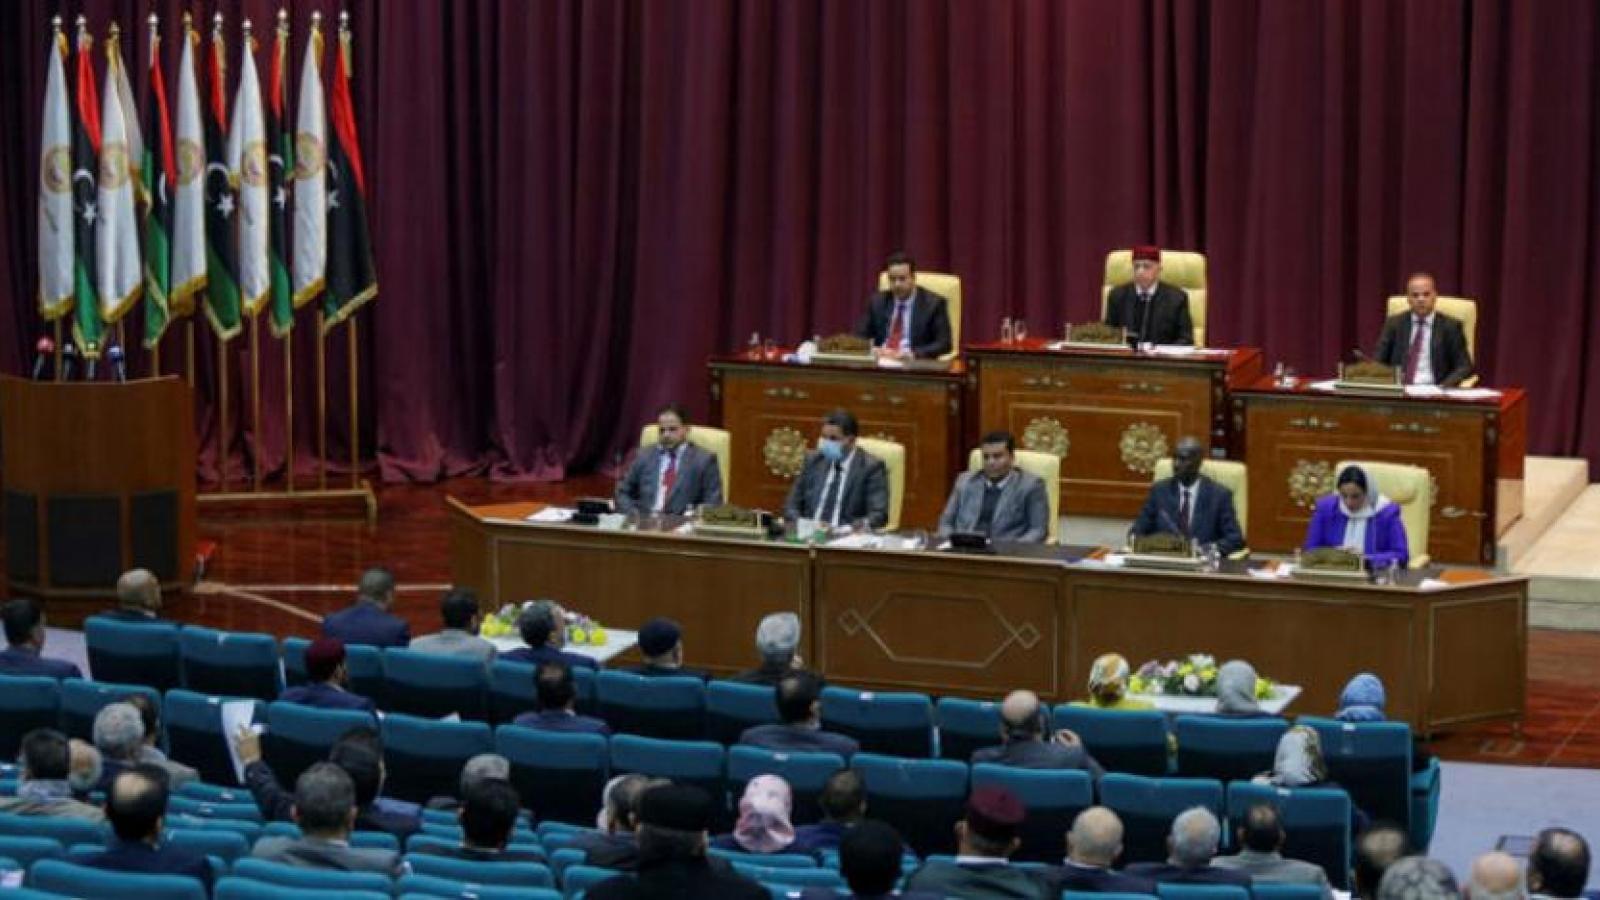 Quốc hội Libya trao tín nhiệm cho chính phủ đoàn kết dân tộc, quốc tế hoan nghênh